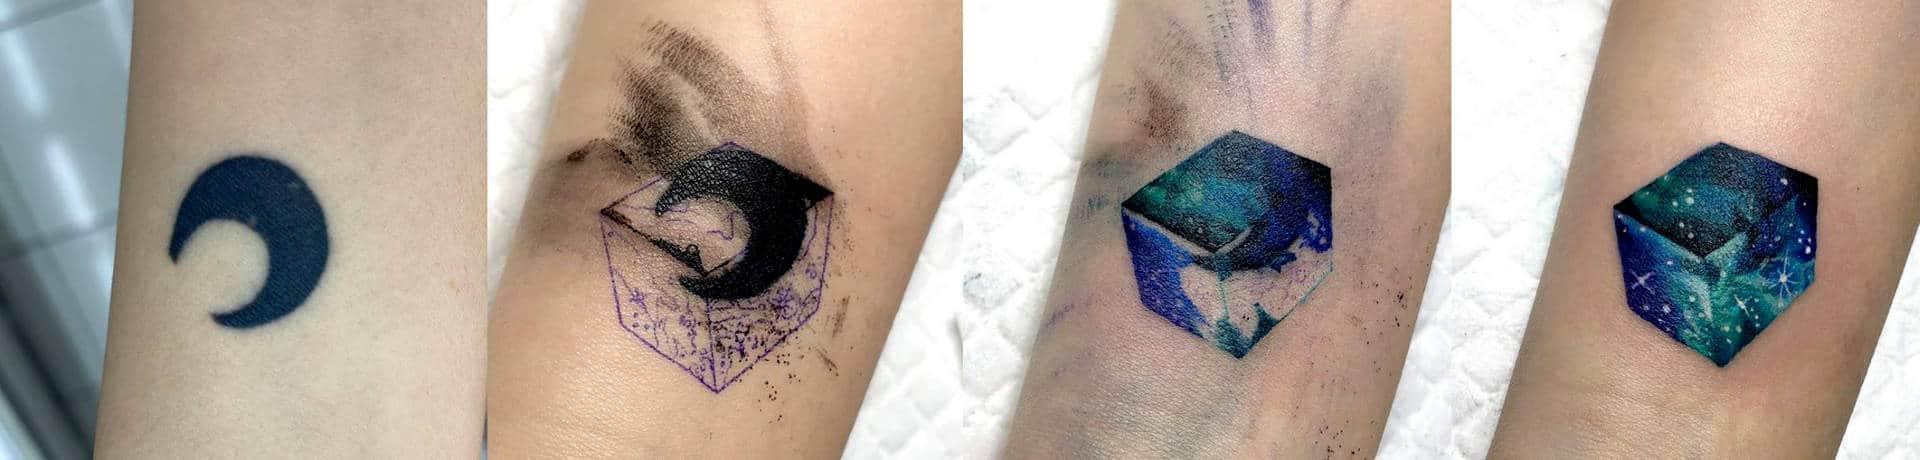 tattoo coverup design in hand